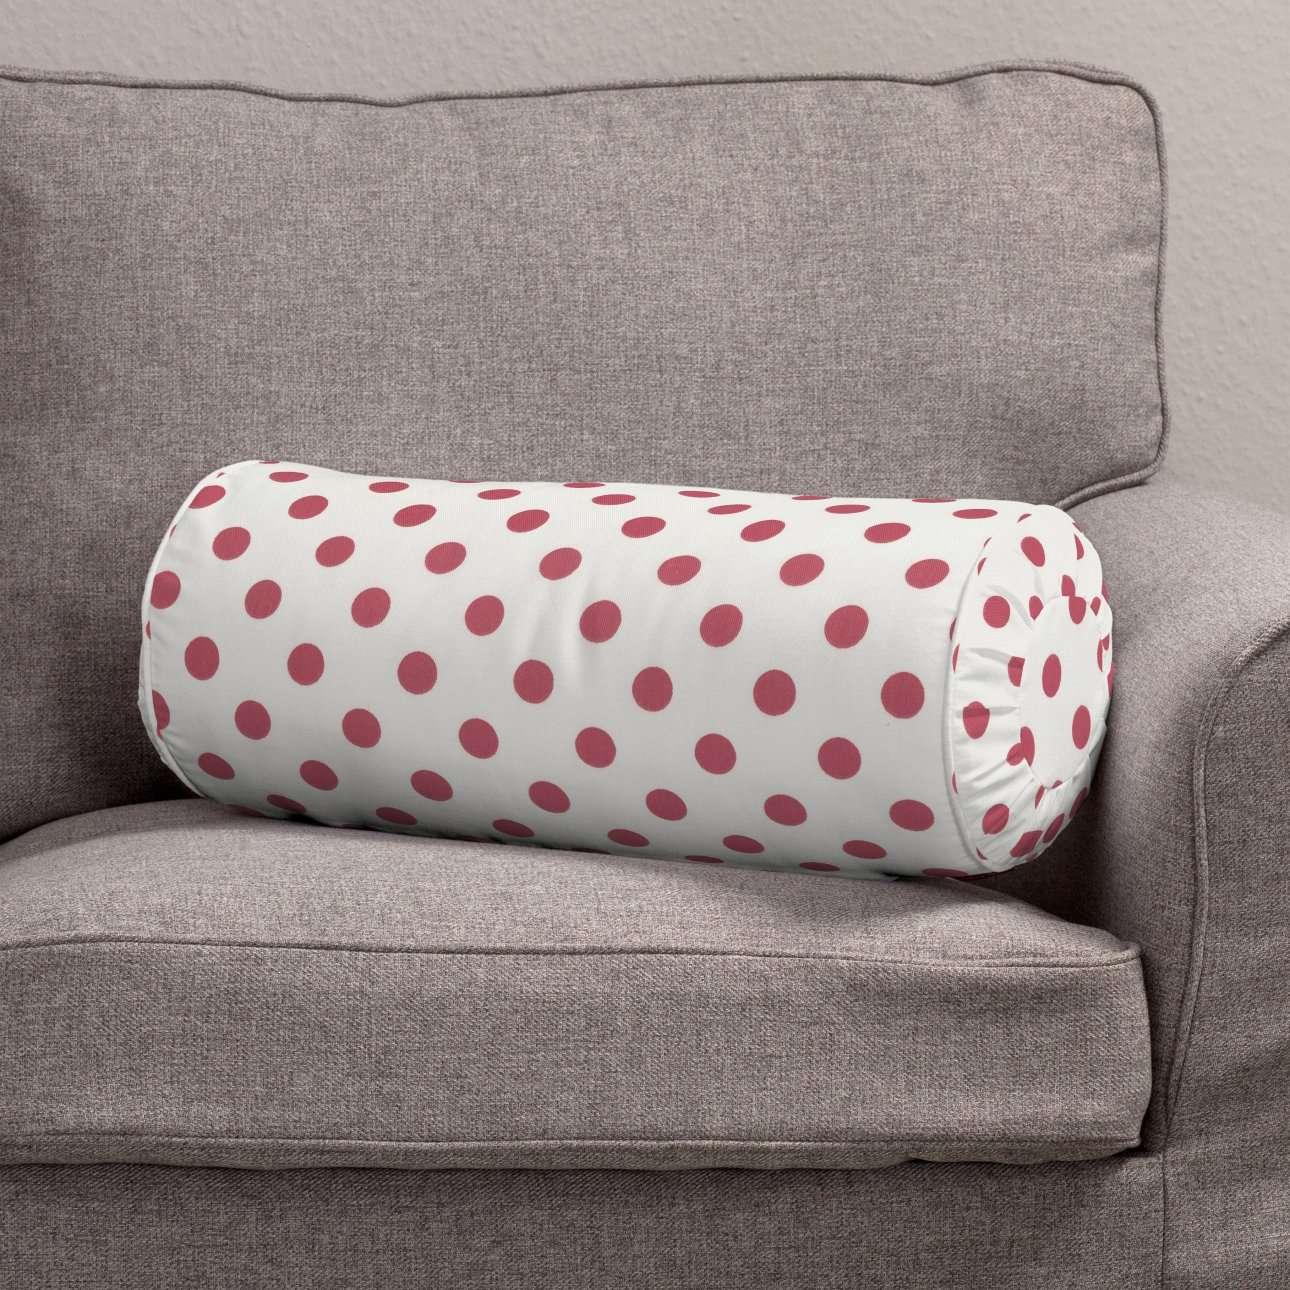 Poduszka wałek z zakładkami Ø 20 x 50 cm w kolekcji Ashley, tkanina: 137-70